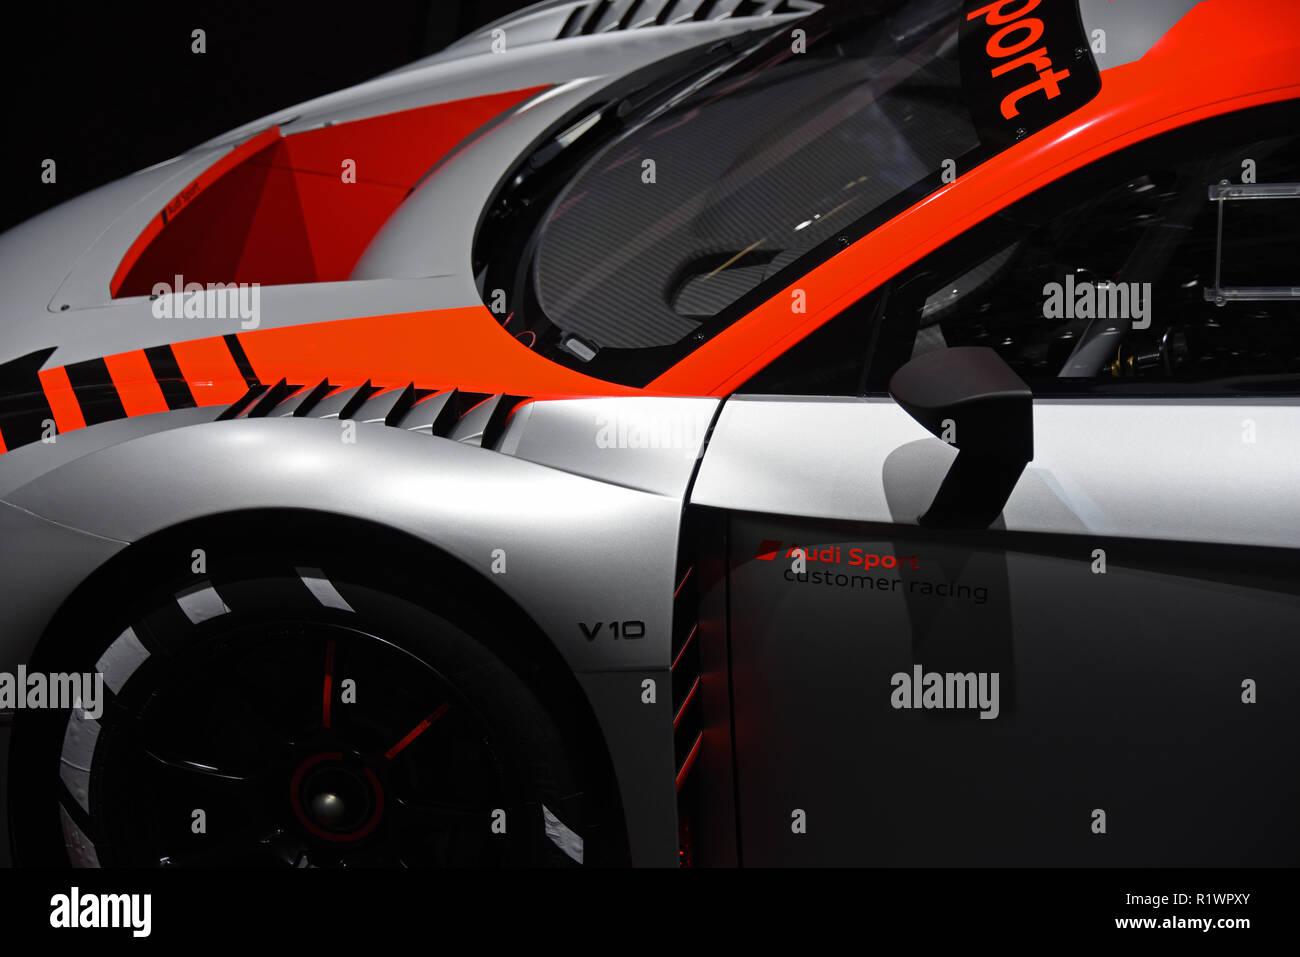 Audi R8 Lms Gt3 Mondial Paris Motor Show Paris France Europe